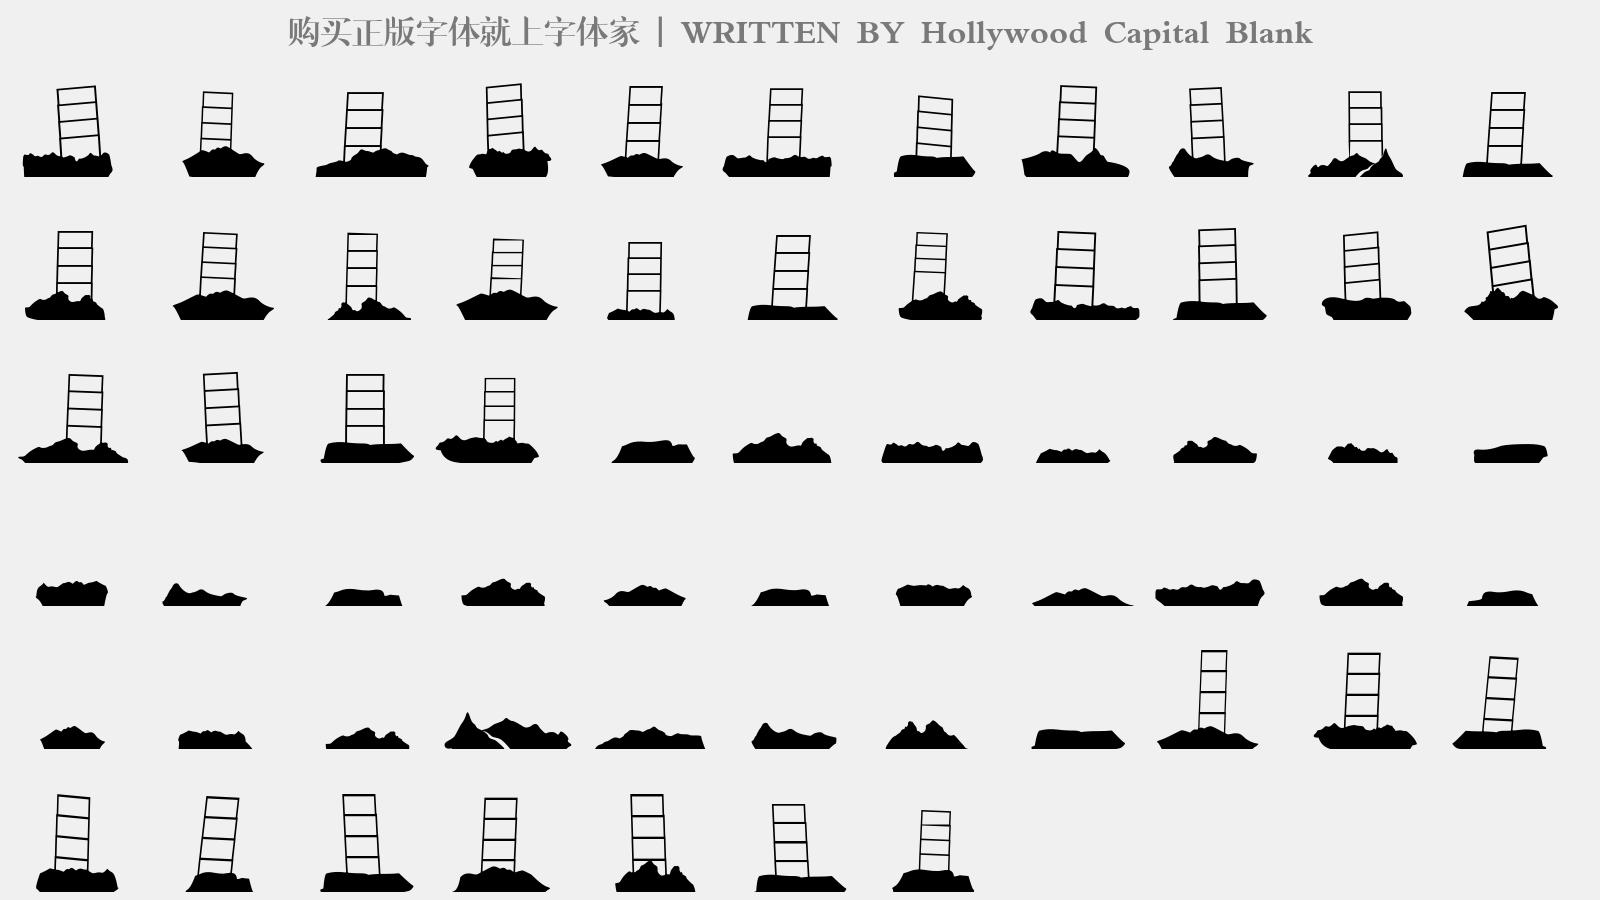 Hollywood Capital Blank - 大寫字母/小寫字母/數字